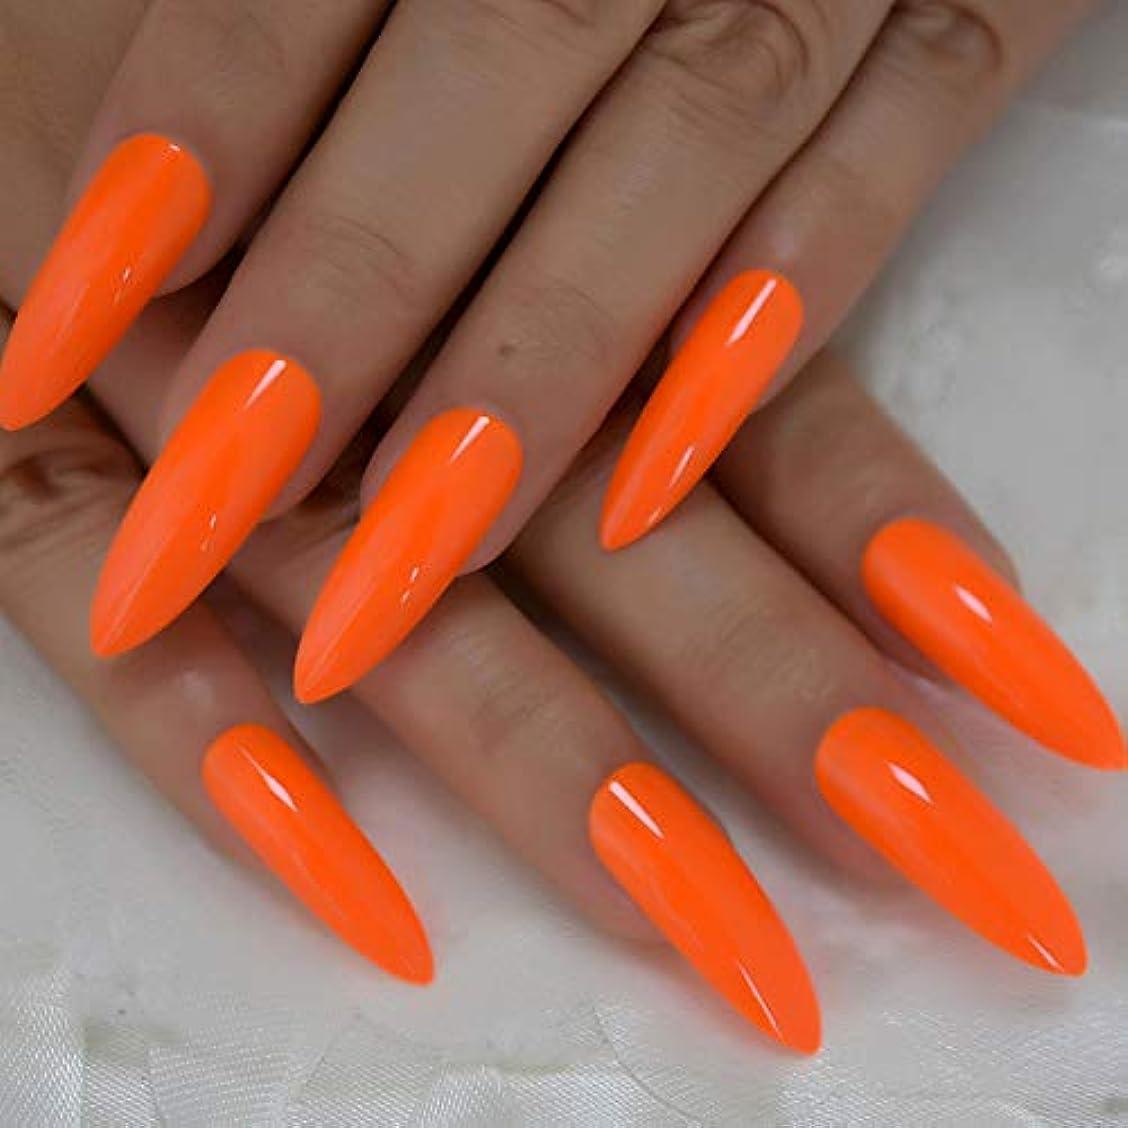 組み込むチロ枯渇XUTXZKA 偽の爪爪のデコレーションマニキュアのヒントの非常に長いオレンジ色の光沢のあるプレス爪24